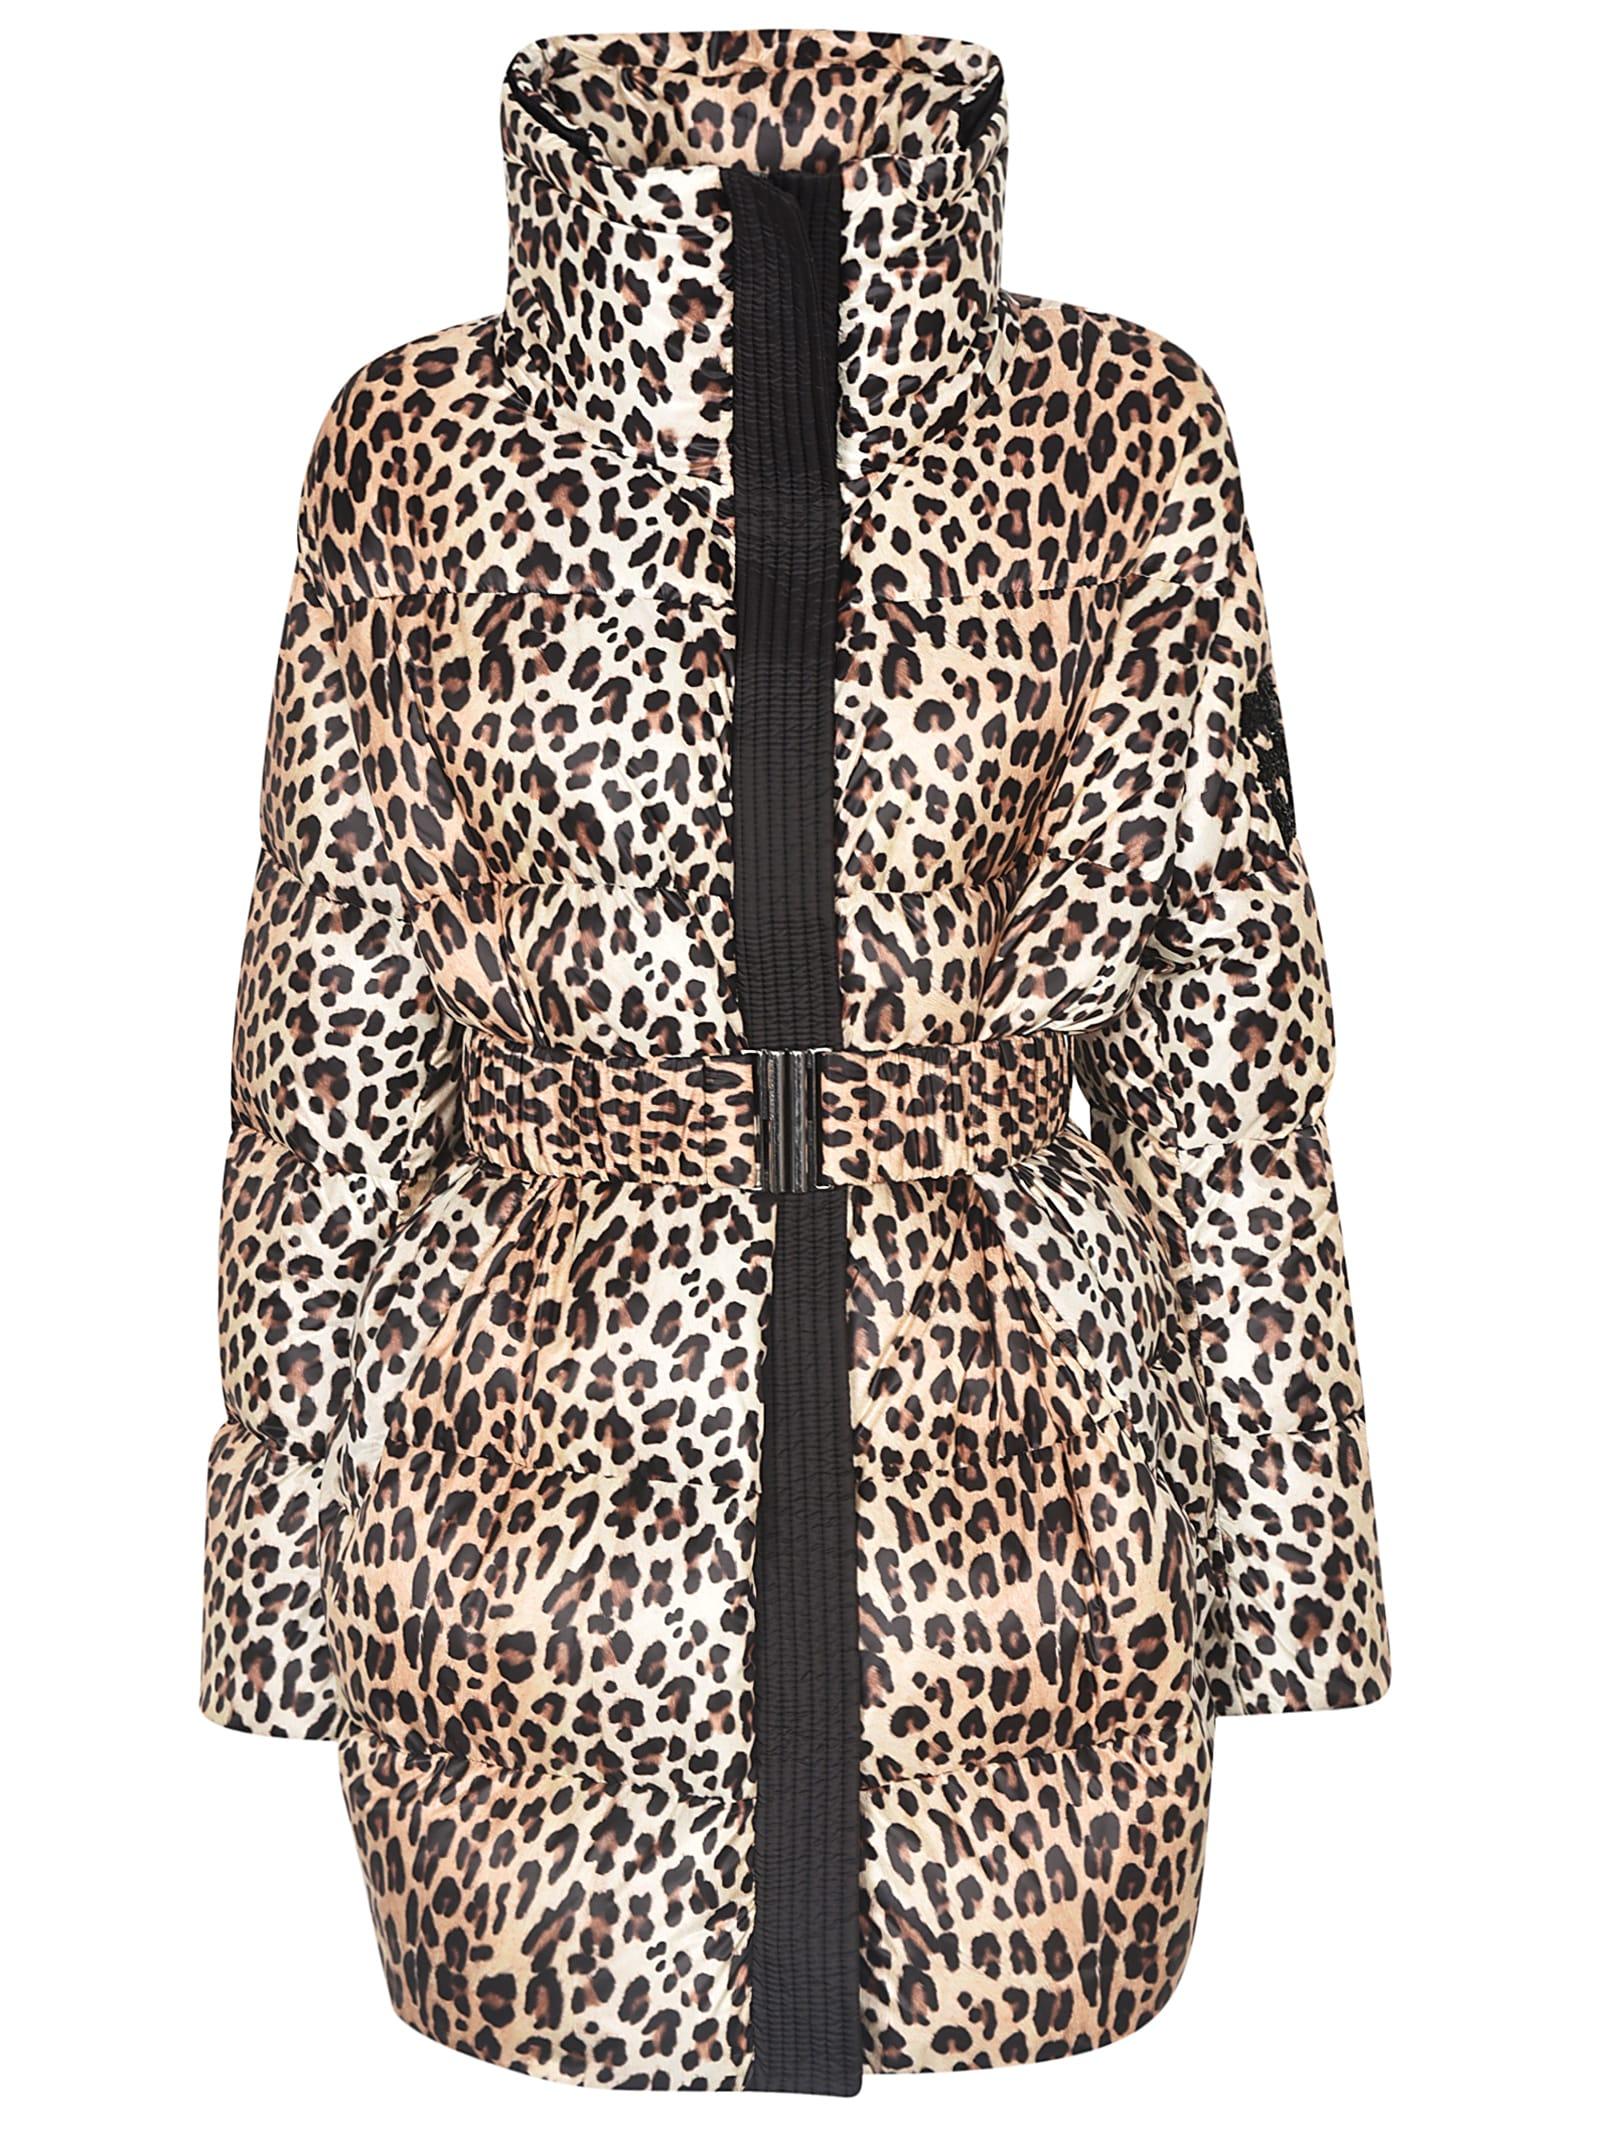 Ermanno Scervino Leopard Print Belted Jacket